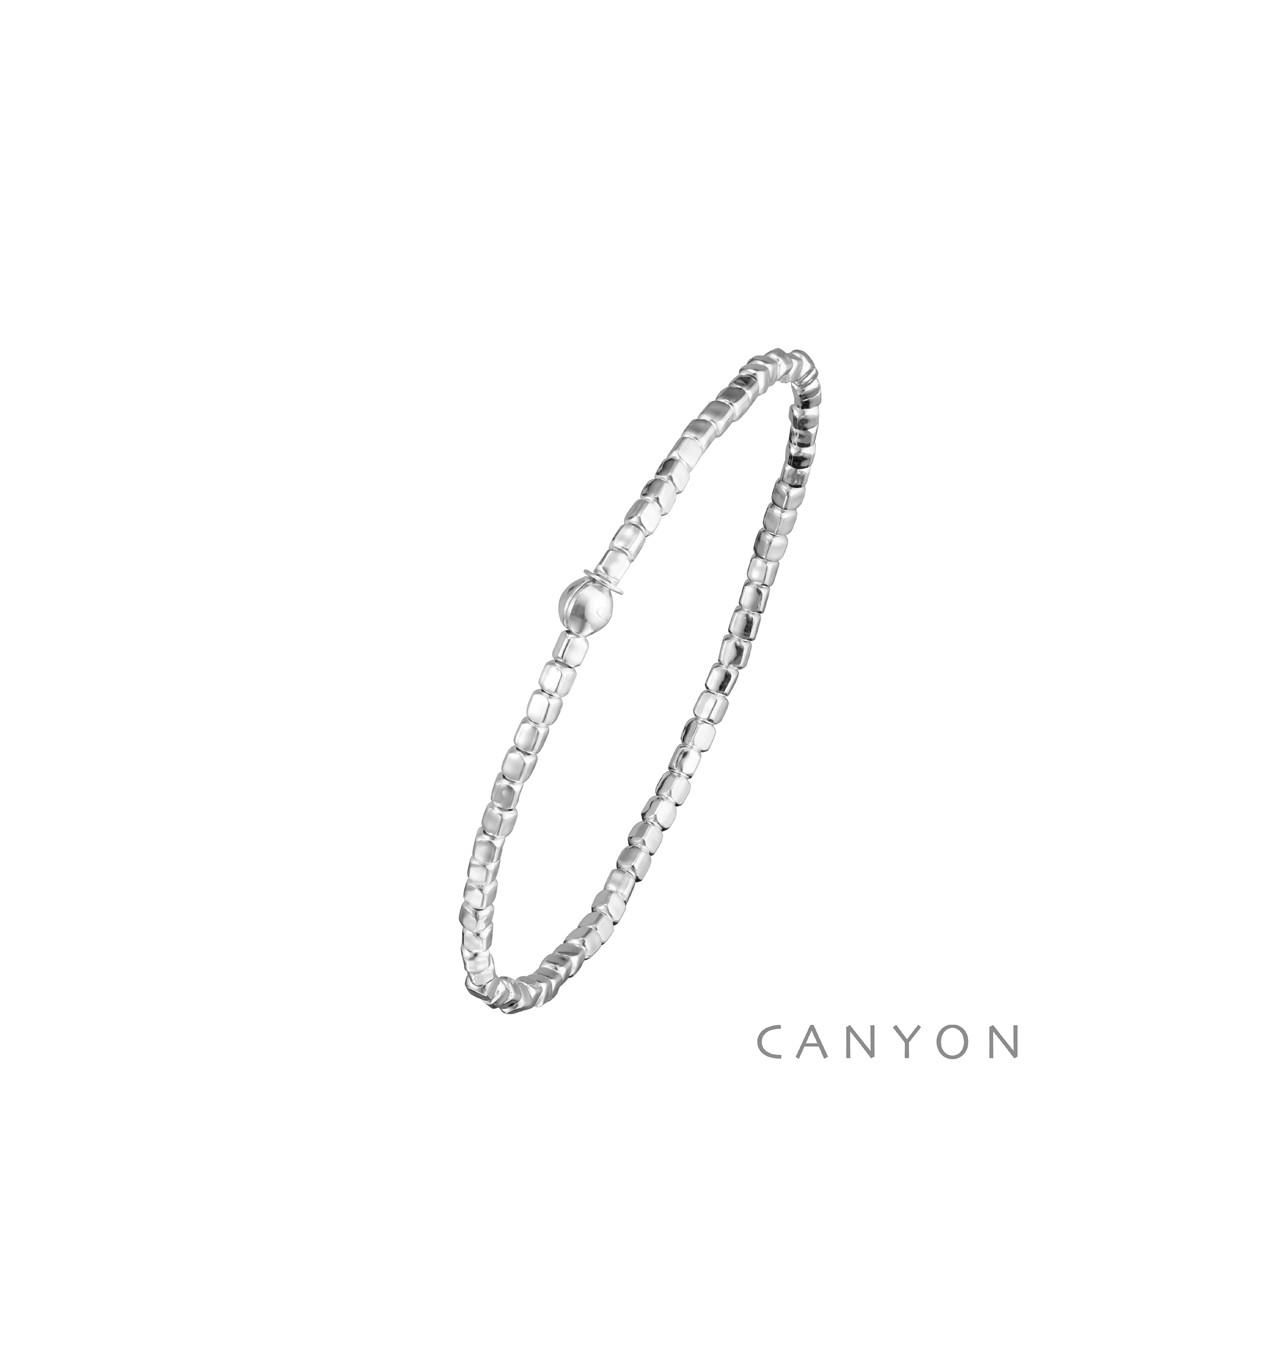 canyon-bracelet-argent-extensible-mini cubes-bijoux totem